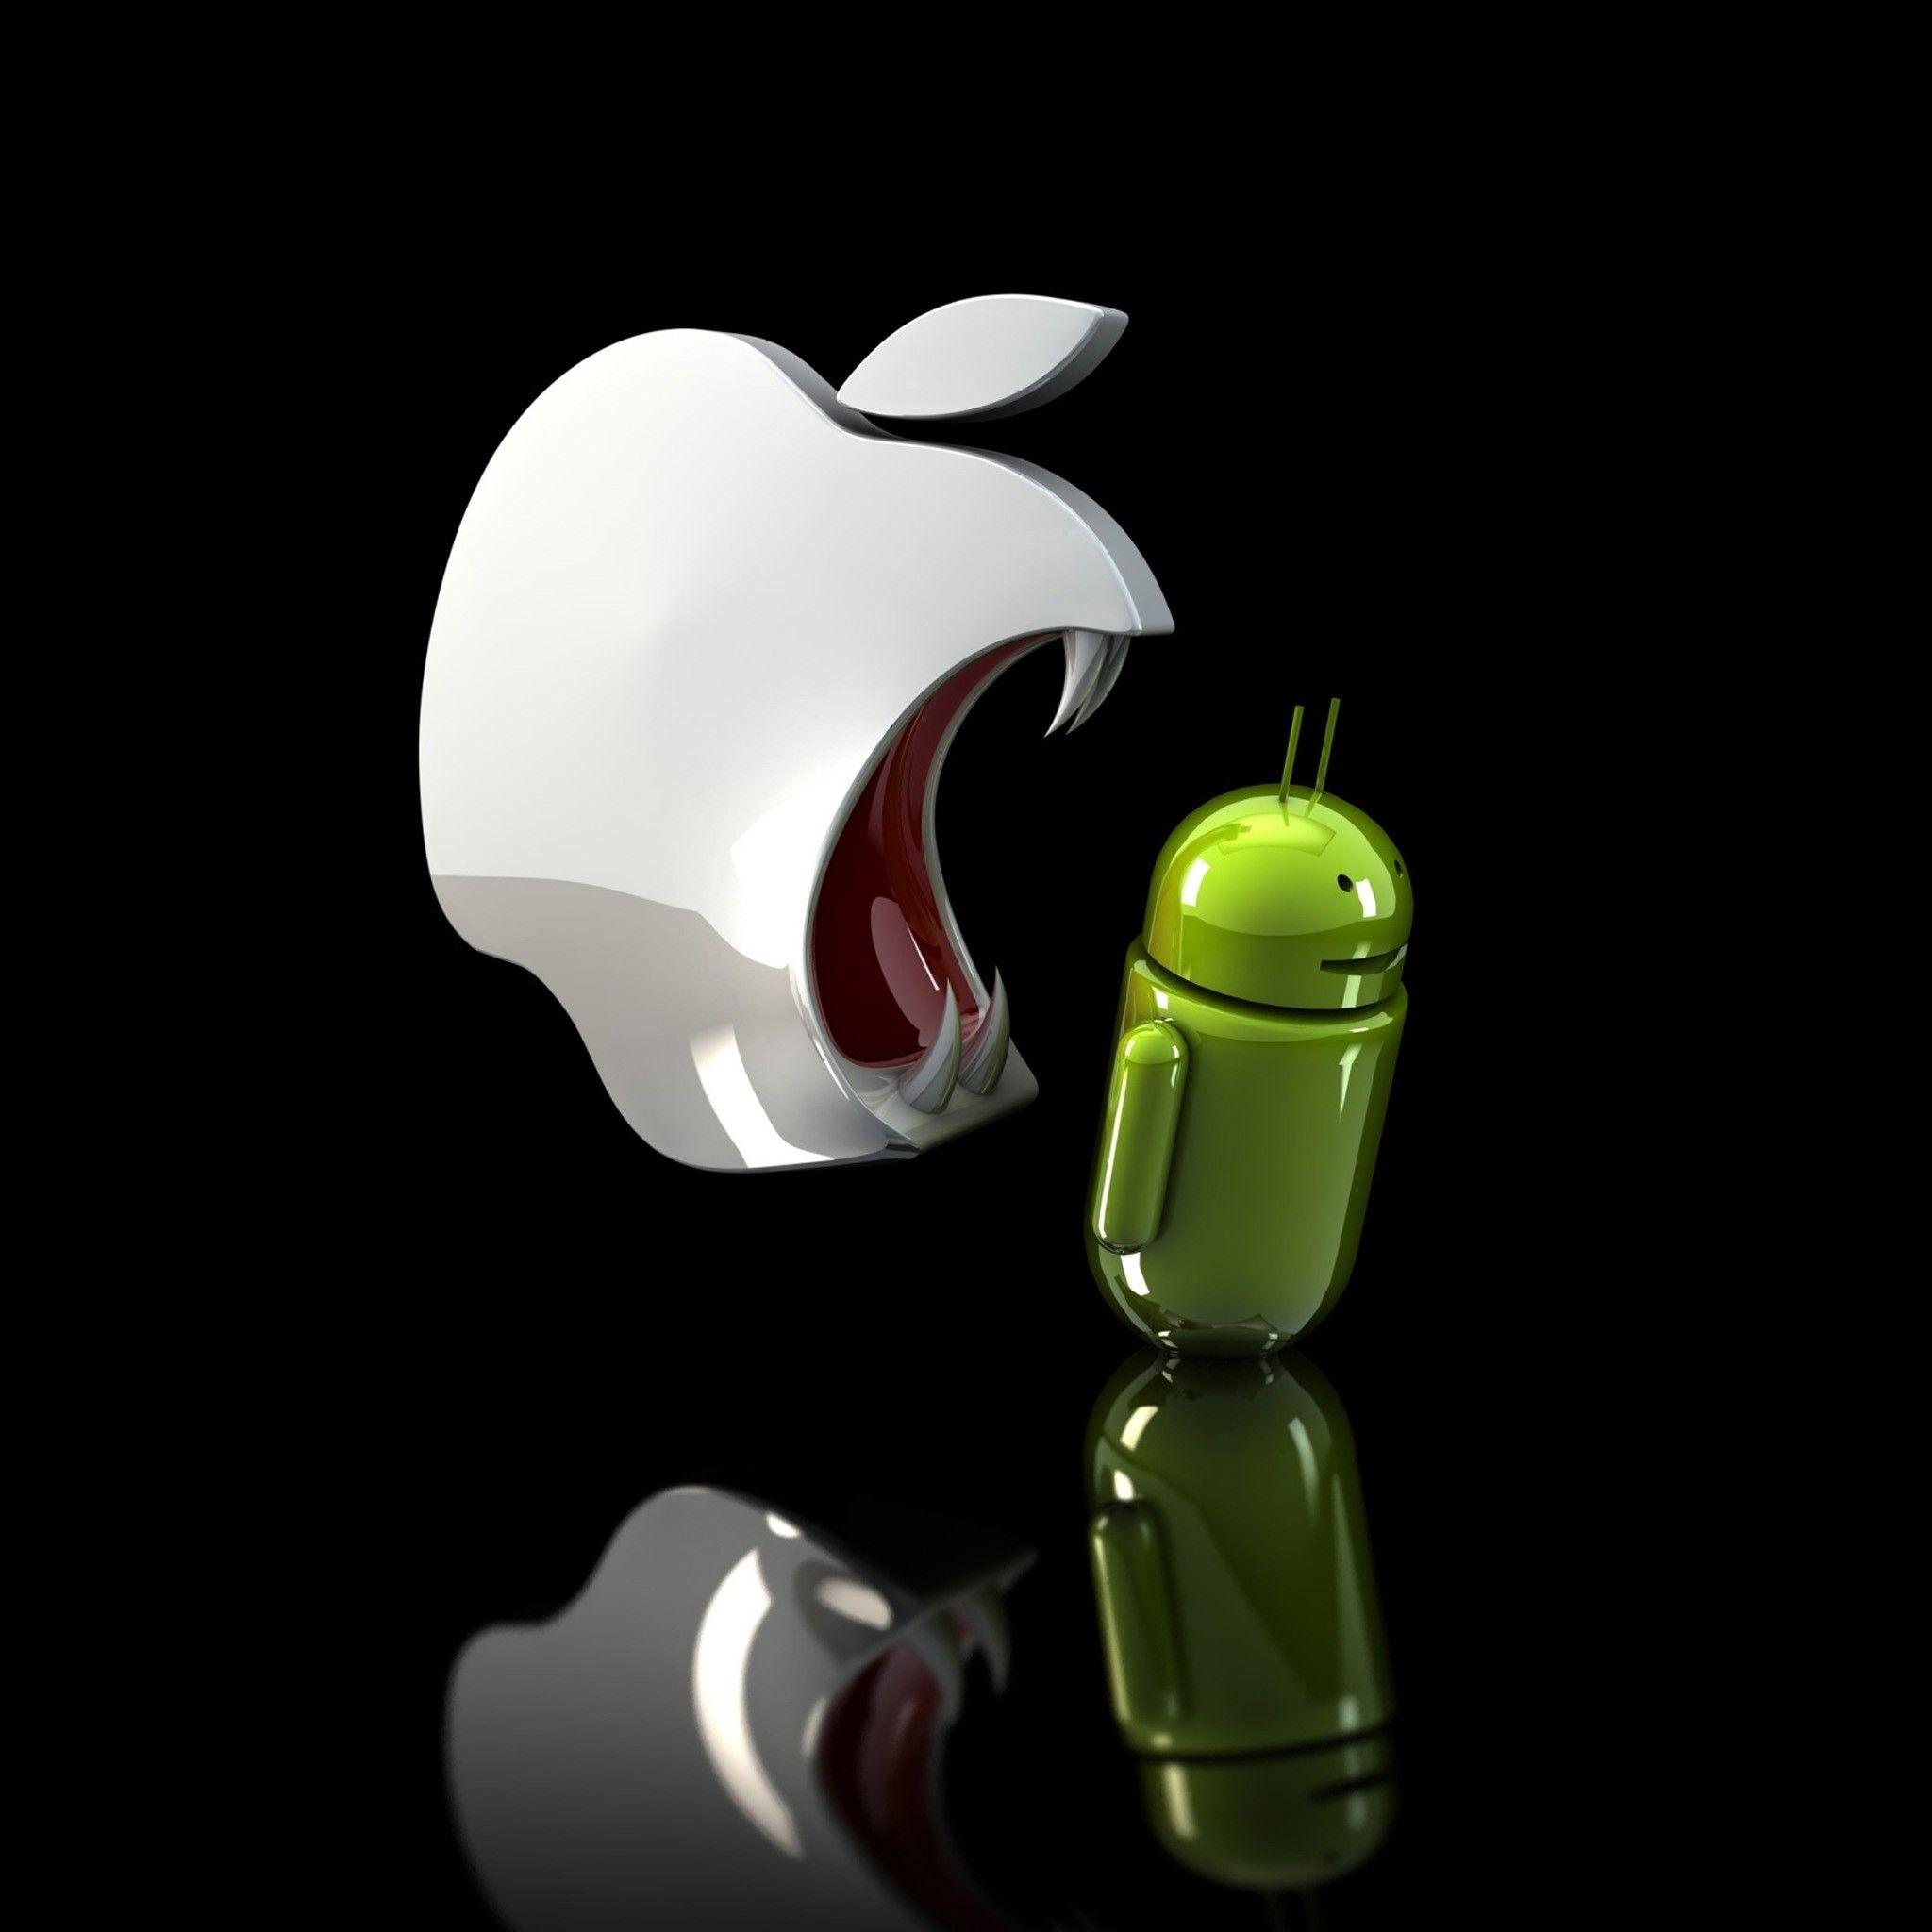 人気104位 Android ドロイド君の壁紙 Ipad タブレット壁紙ギャラリー アンドロイド 壁紙 Android リンゴ